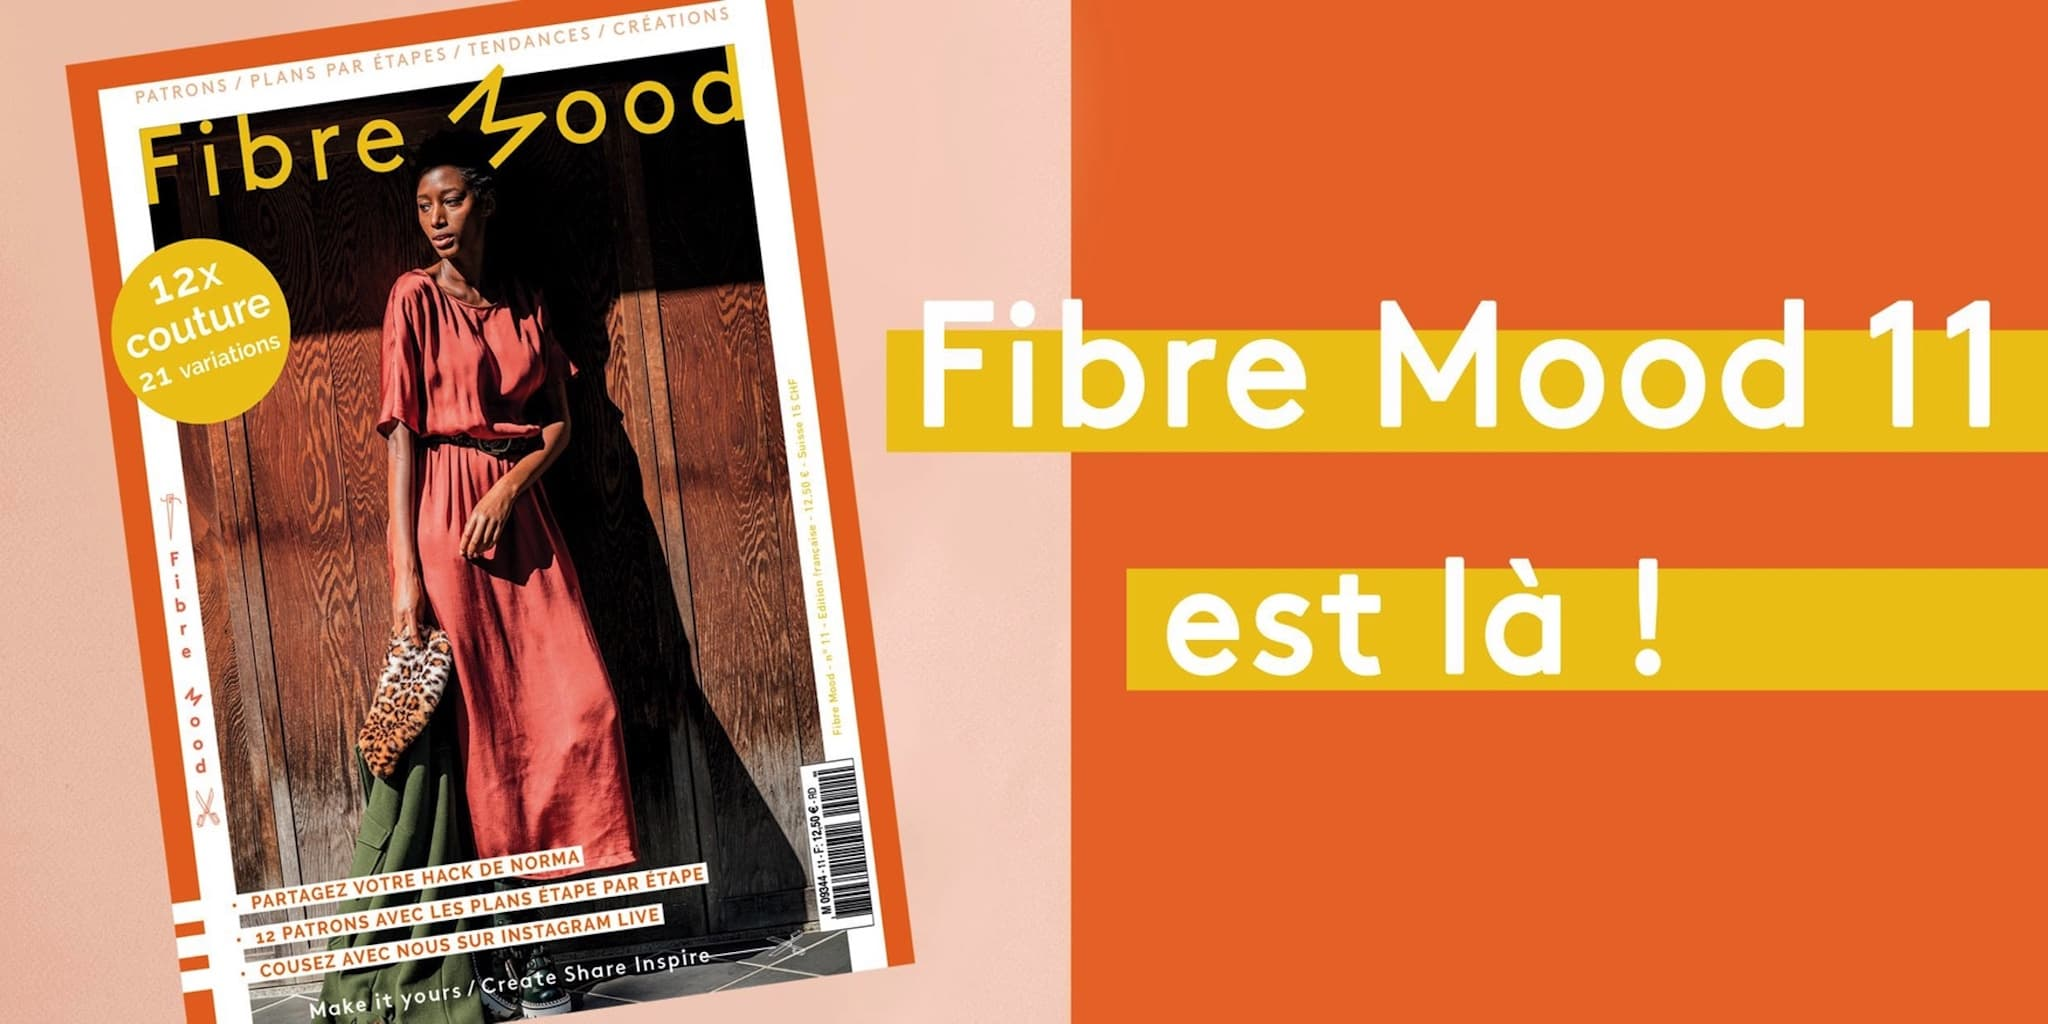 Fibre Mood @ Coup de coudre